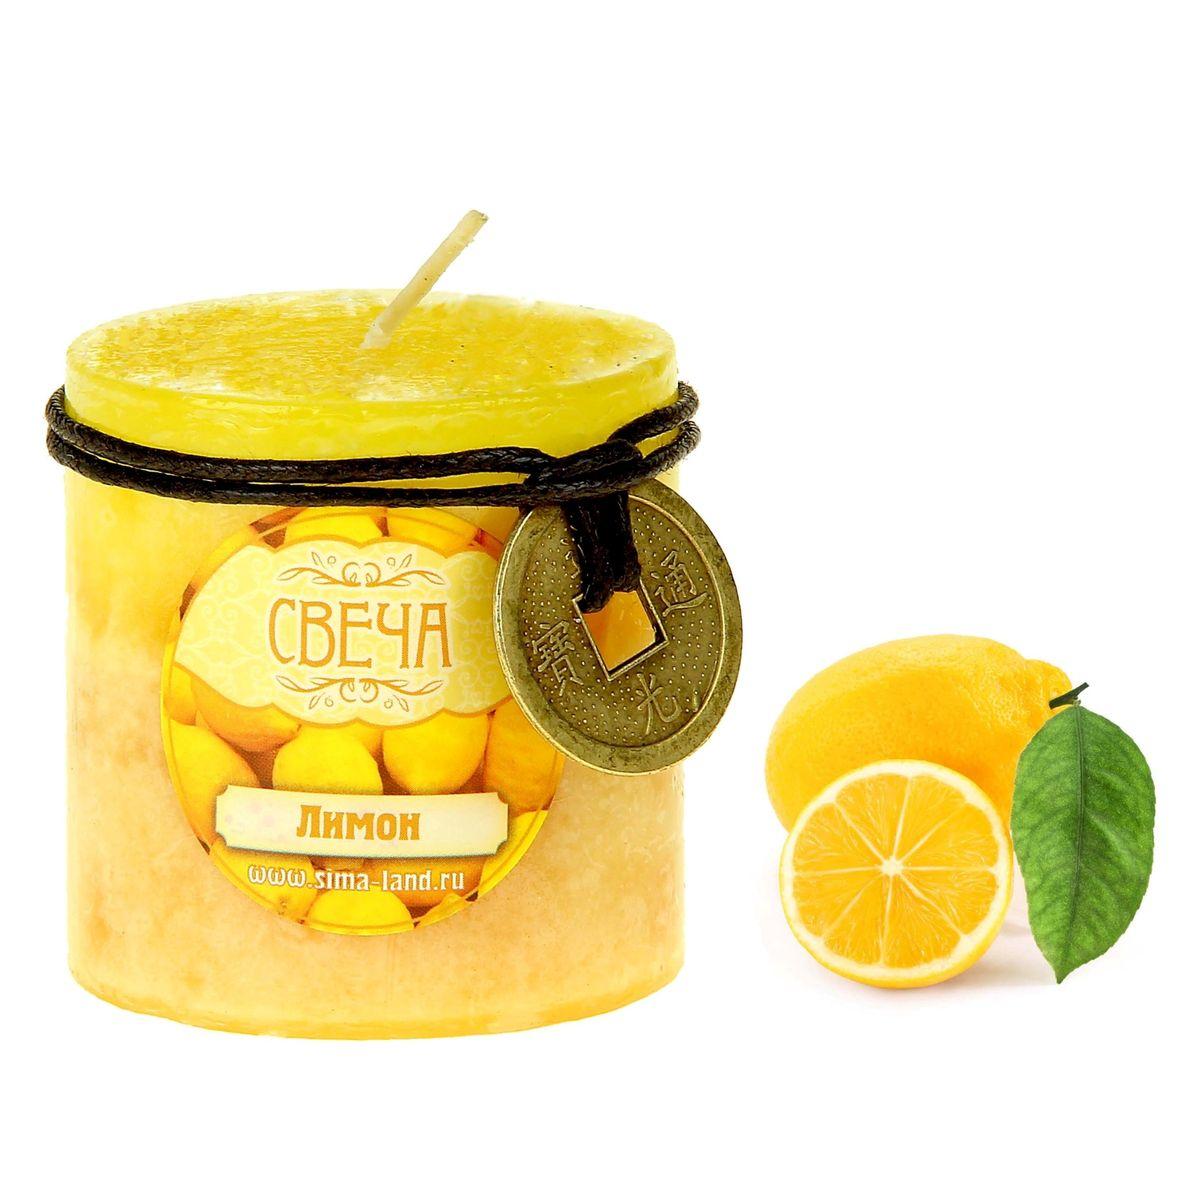 Свеча ароматизированная Sima-land Лимон, с монетой, цвет: желтый, медовый, высота 5,5 см849460Свеча Sima-land Лимон выполнена из воска в виде столбика. Изделие порадует вас ярким дизайном и приятным ароматом лимона, который понравится как женщинам, так и мужчинам. В комплекте - монета на шнурке, декорированная рельефными изображениями иероглифов. Создайте для себя и своих близких незабываемую атмосферу праздника в доме. Ароматическая свеча Sima-land Лимон может стать не только отличным подарком, но и гарантией хорошего настроения, ведь это красивая вещь из качественного, безопасного для здоровья материала.